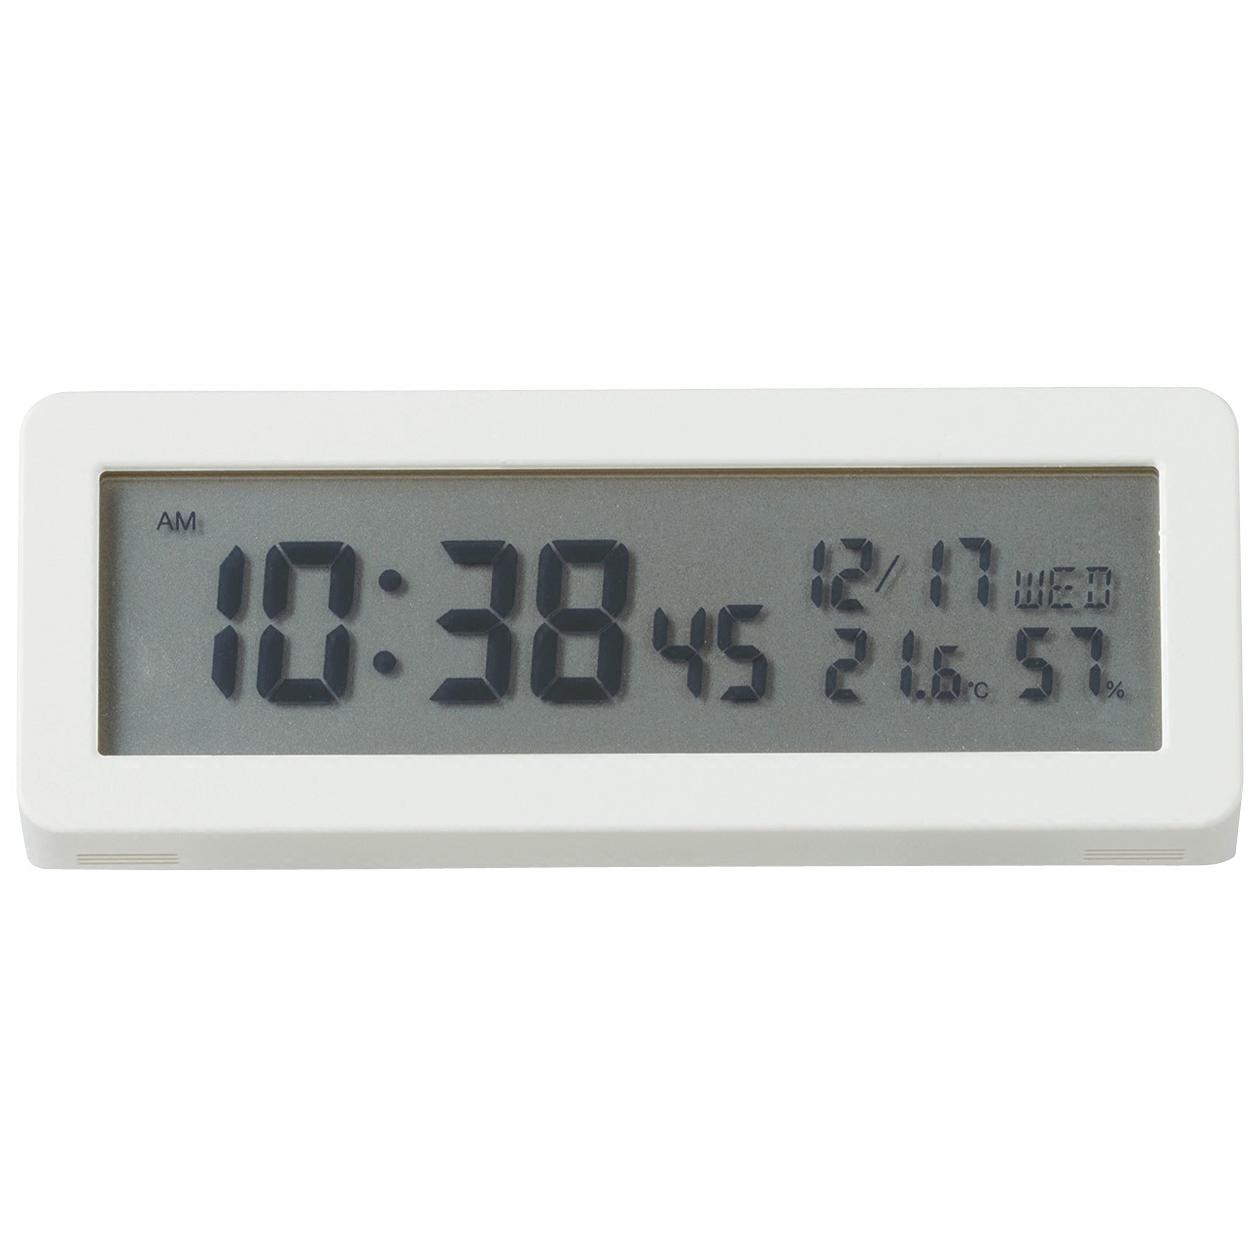 Нештемпелеванный ичибан MUJI электронный колокол ( случайный большой звук будильник функция ) сиденье колокол / белый